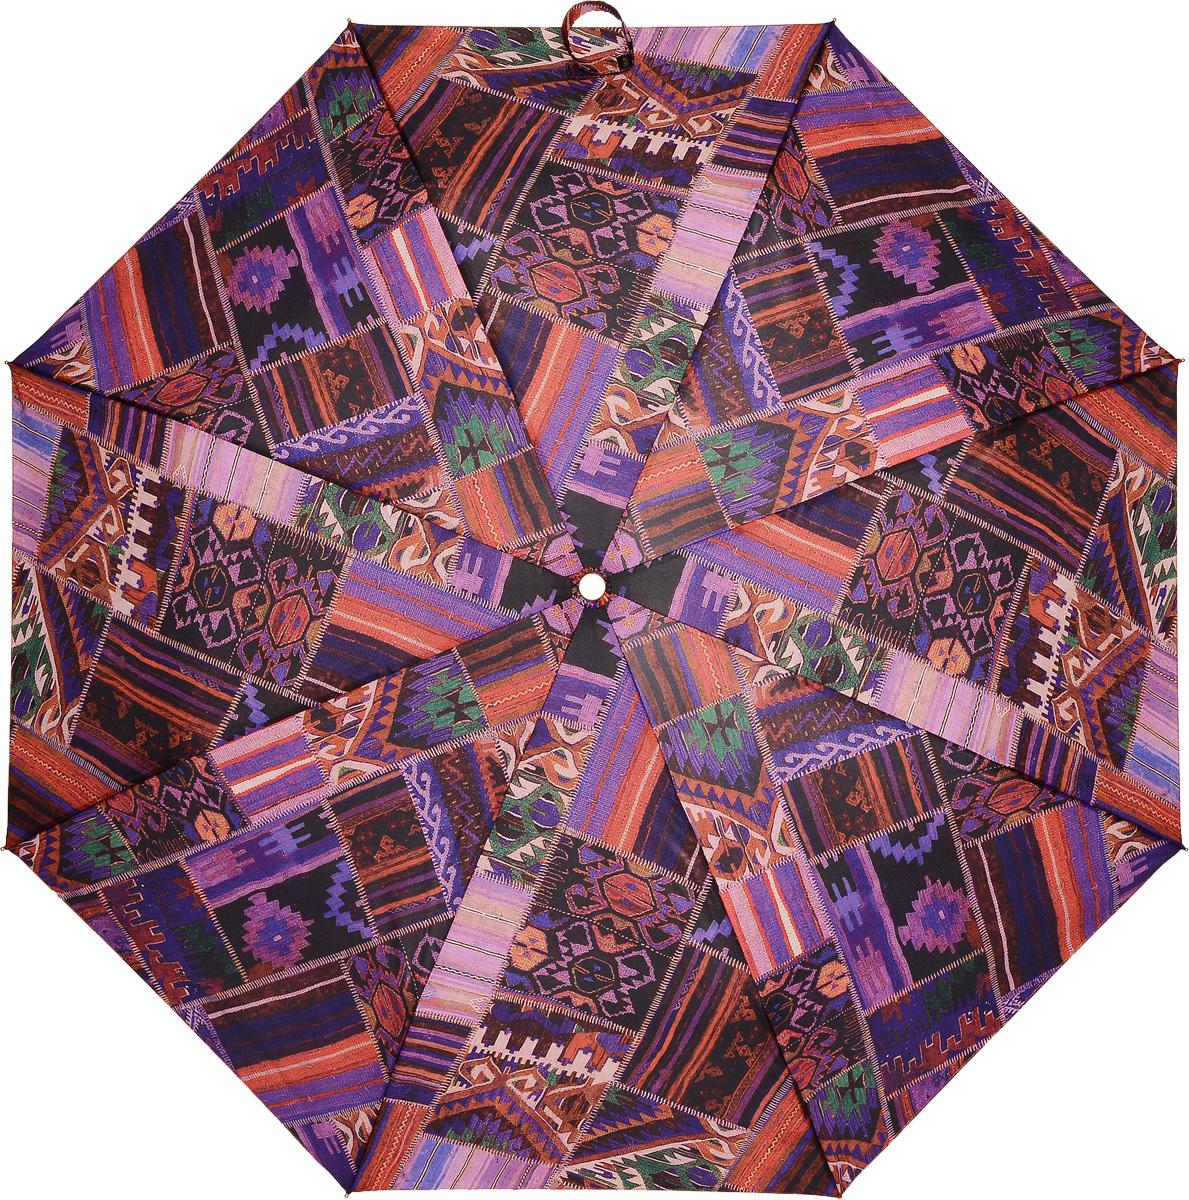 M&P 5867-3 Зонт полный автом. 3 сл. жен.5867-3Зонт испанского производителя Clima. В производстве зонтов используются современные материалы, что делает зонты легкими, но в то же время крепкими.Полный автомат, 3 сложения, 7 спиц, полиэстер.